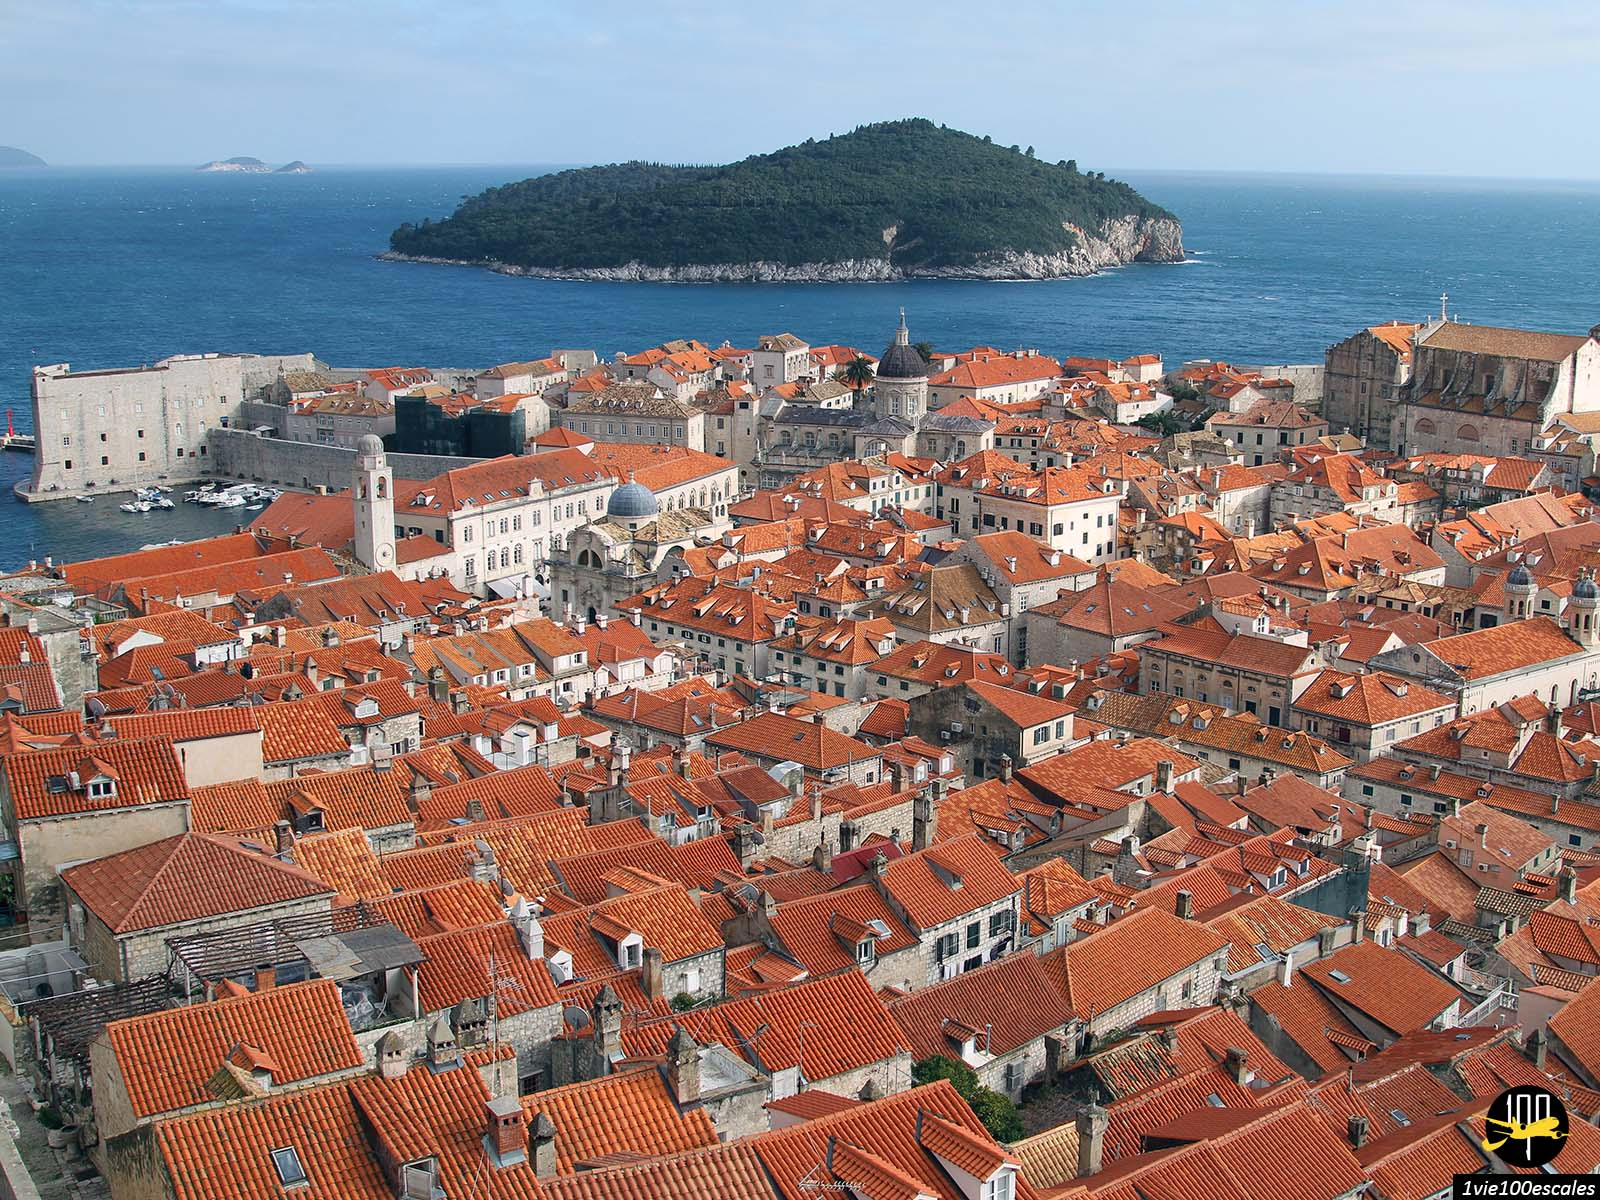 Escale #054 Dubrovnik